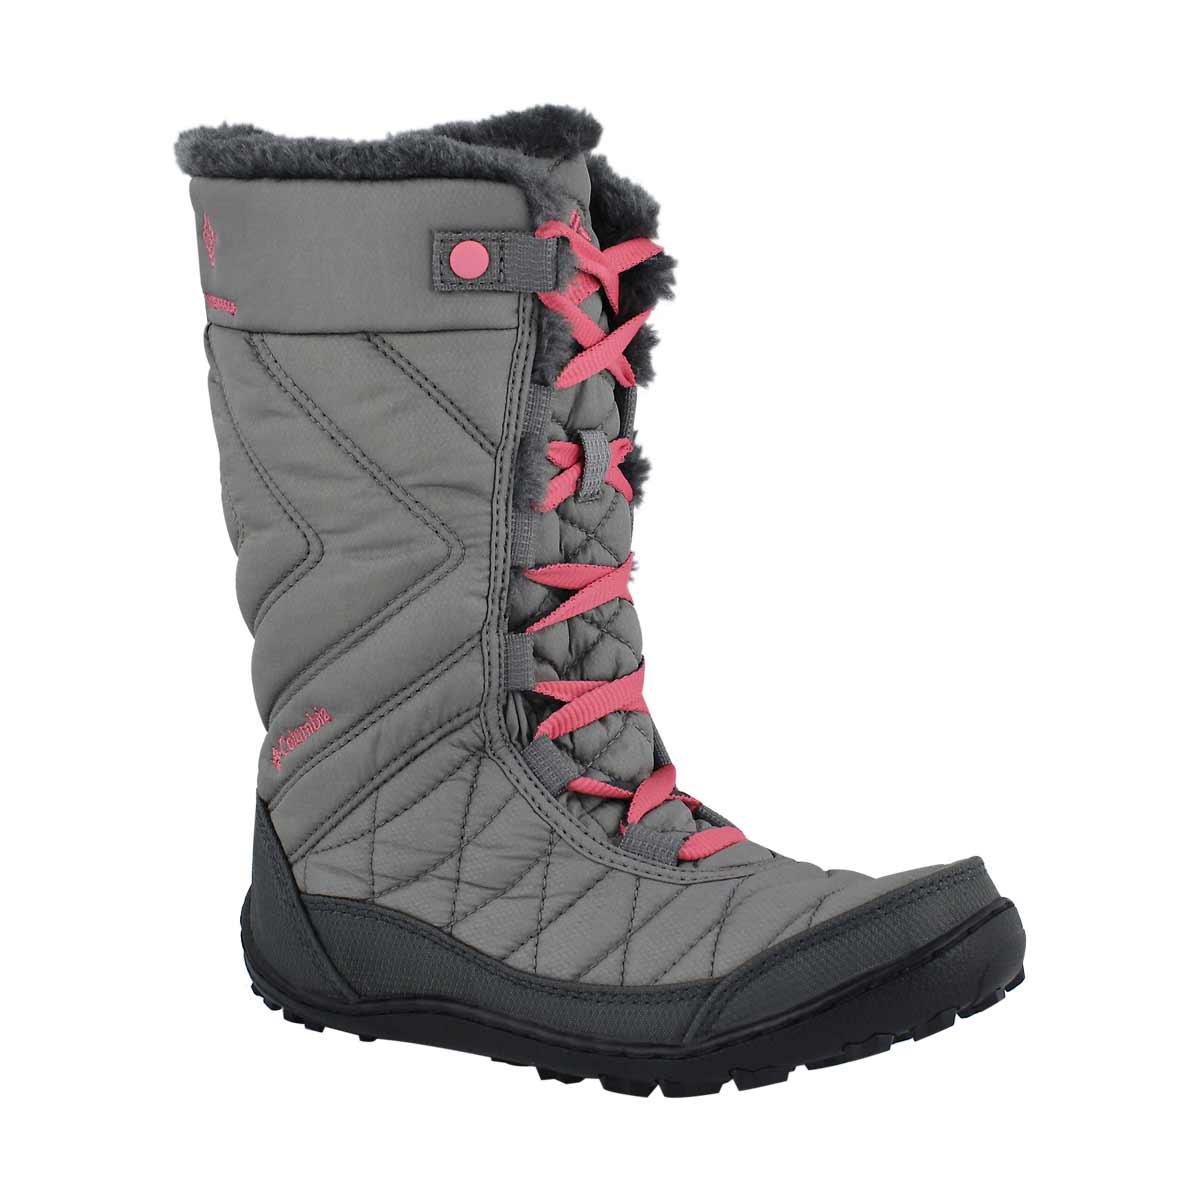 Girls' MINX MID III grey/pink winter boot